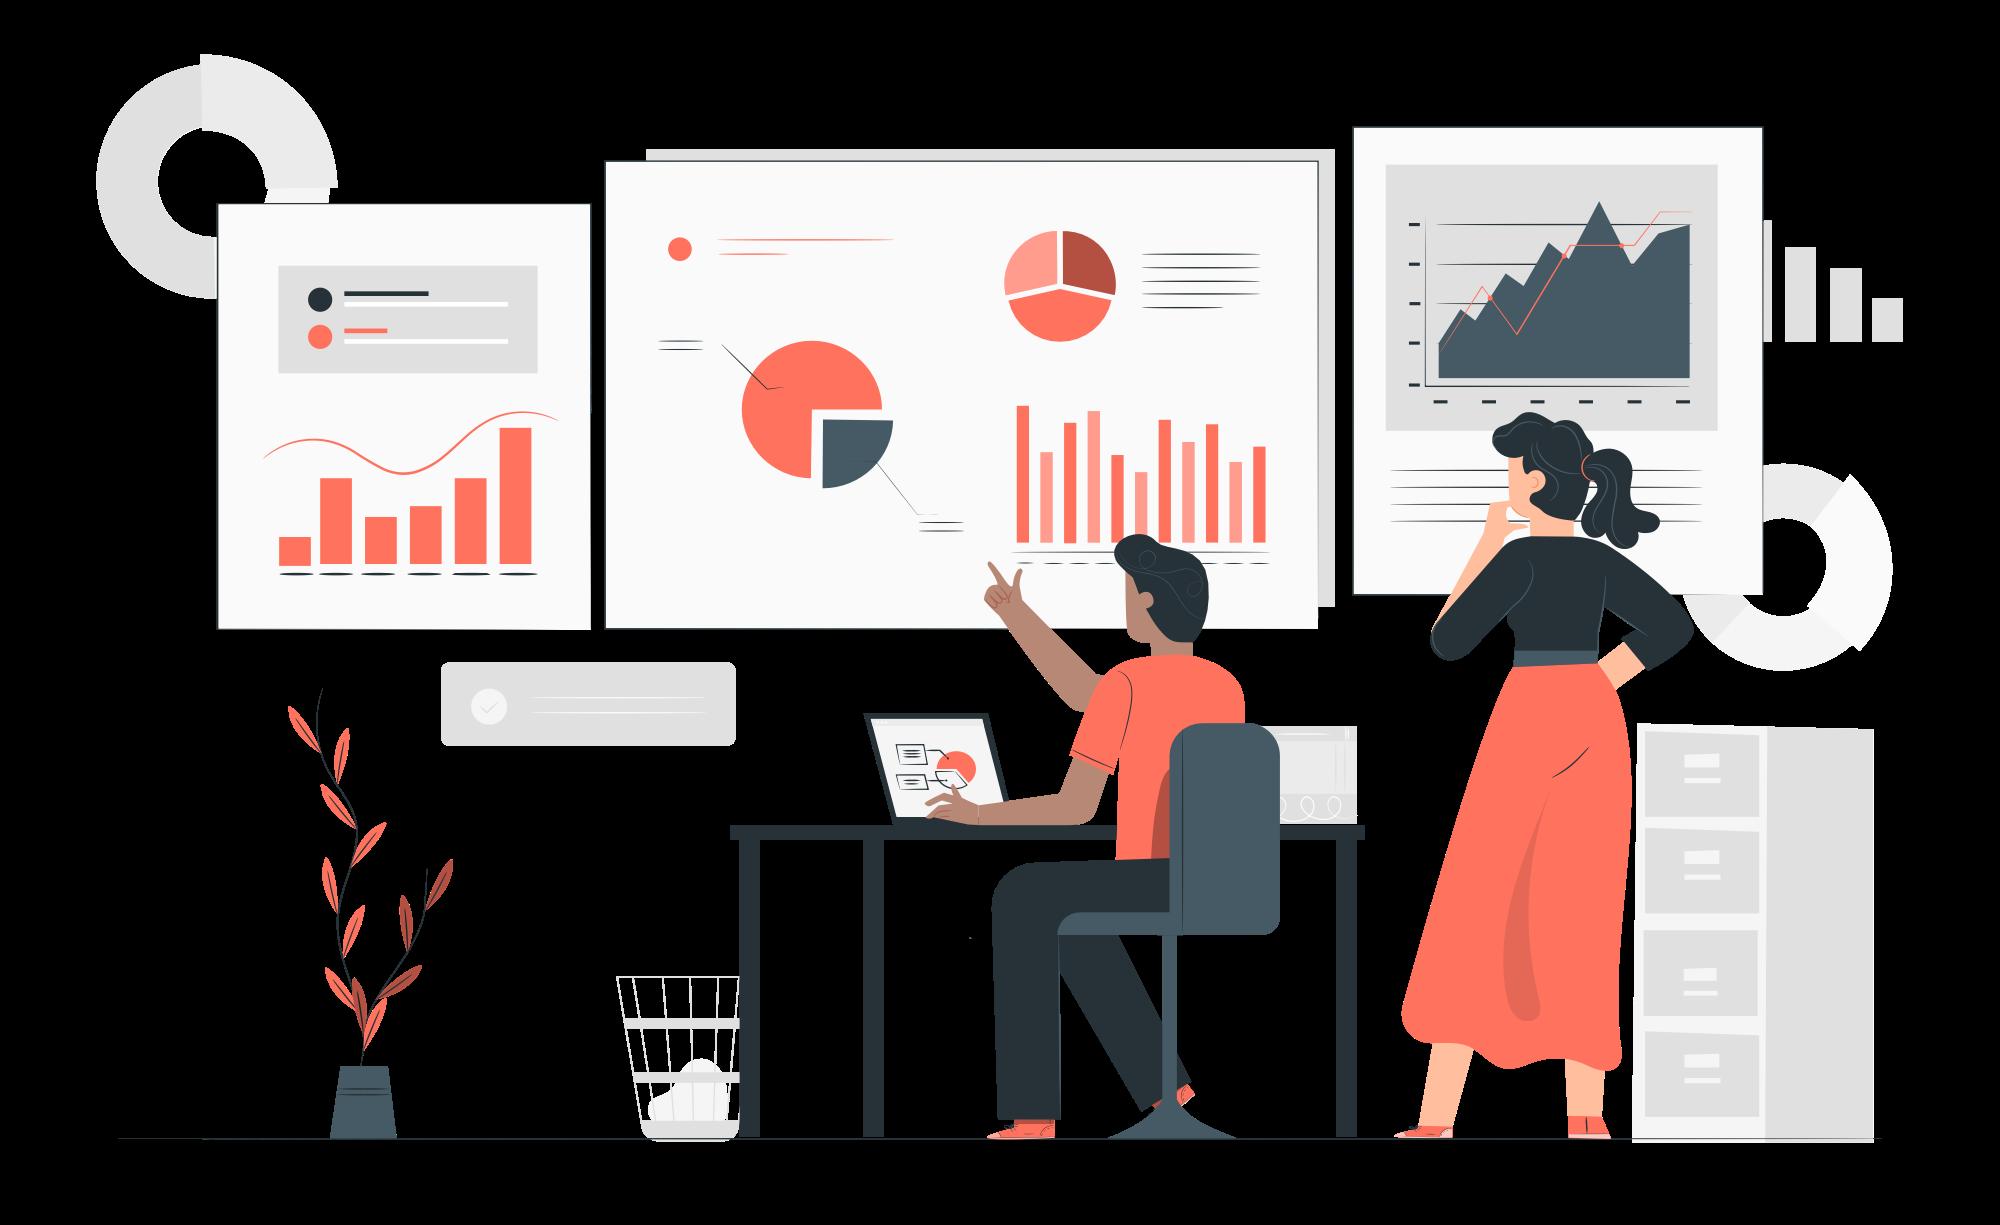 analisis de producto tienda online